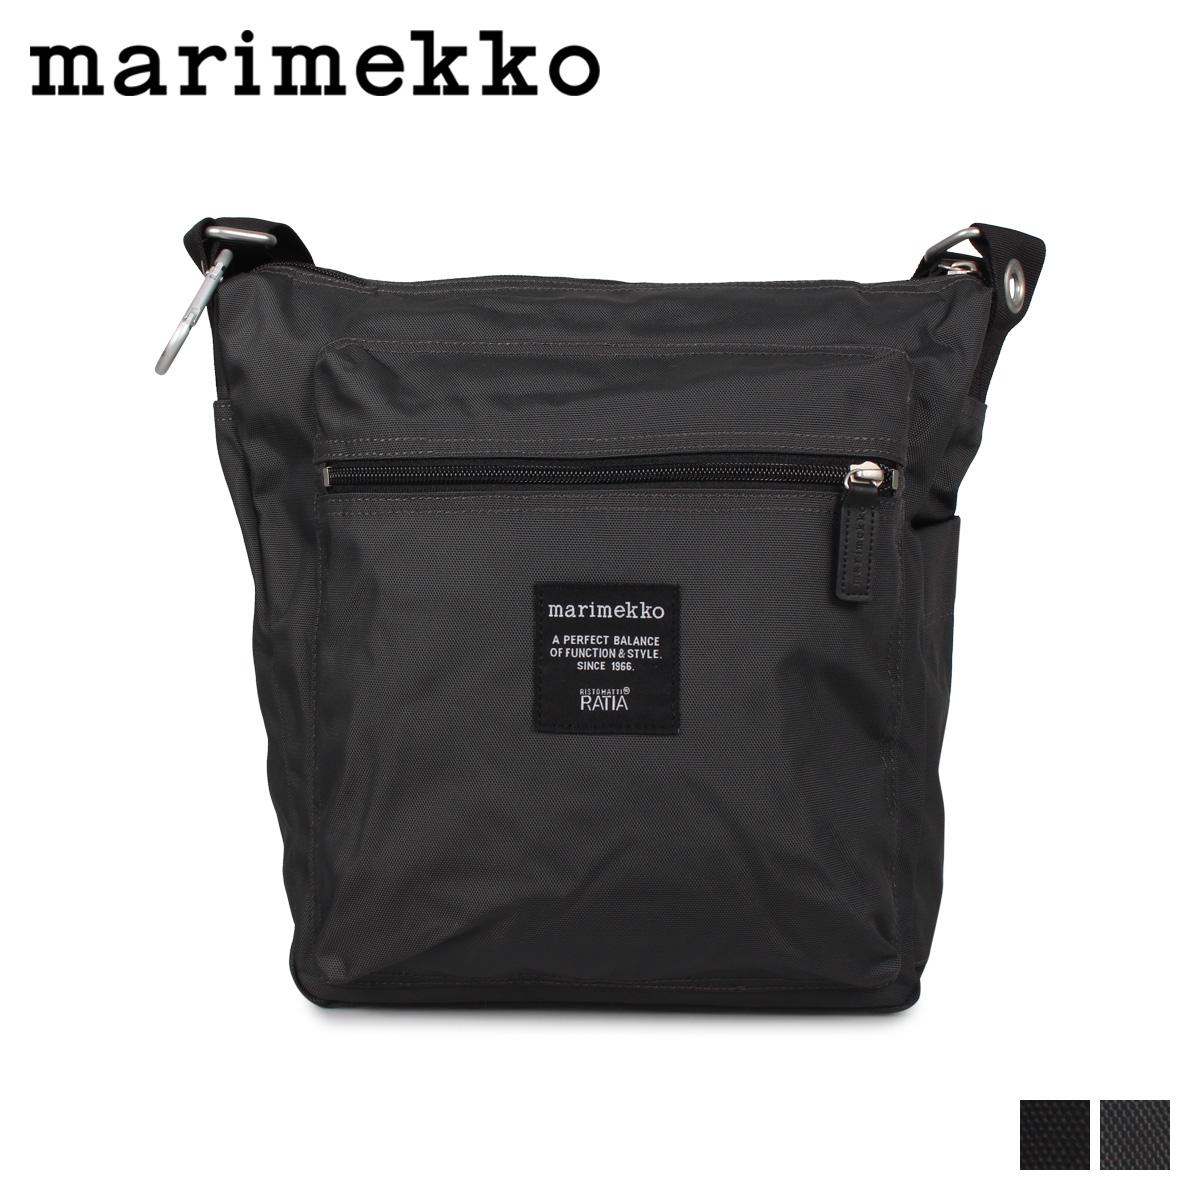 マリメッコ marimekko ショルダーバッグ メッセンジャーバッグ メンズ レディース PAL BAG ブラック チャコールグレー 黒 026991-900 [4/8 再入荷]